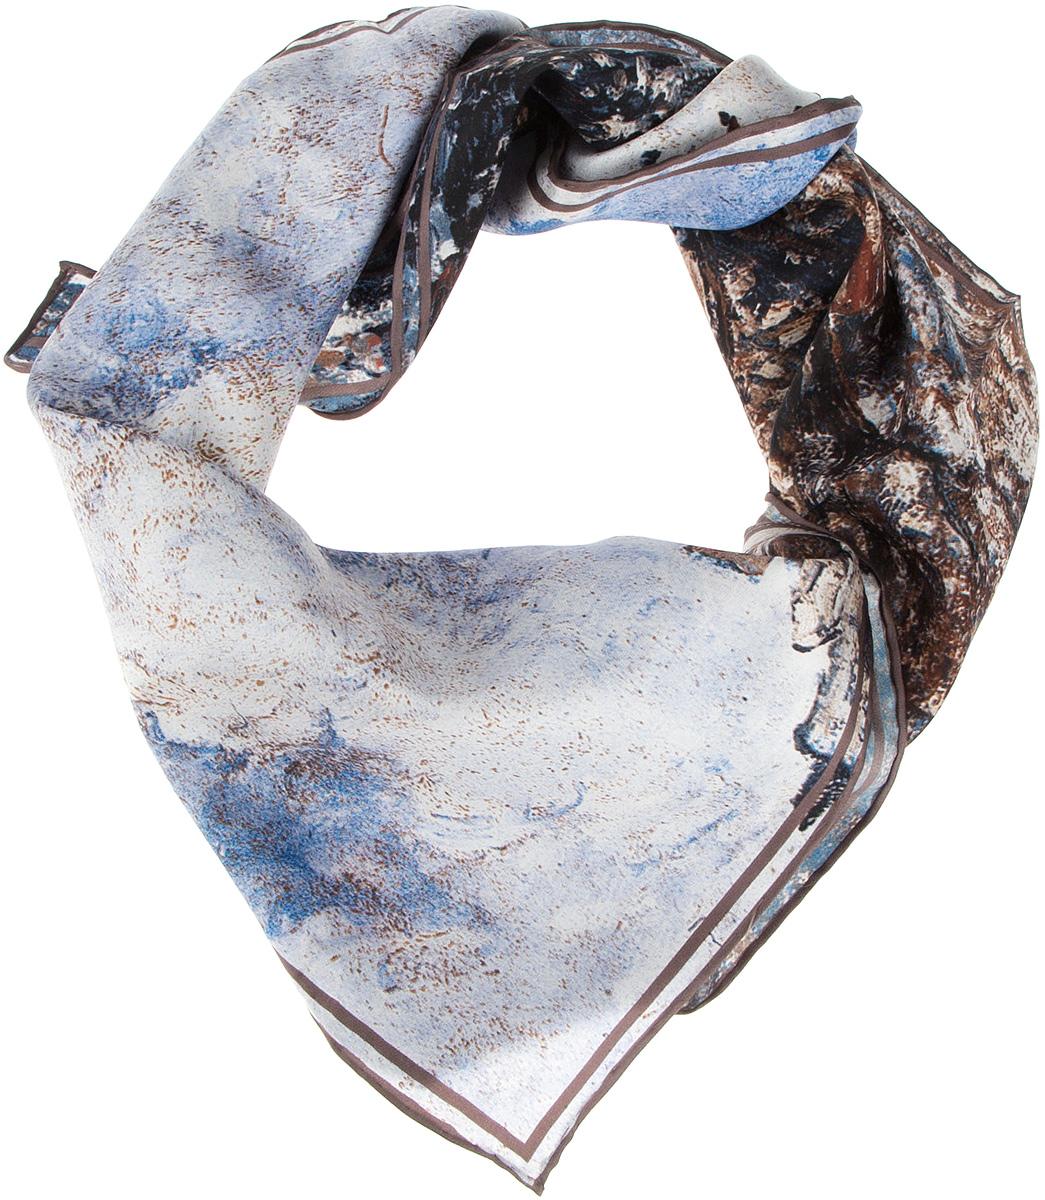 Платок1810912-6Нежный шелковый платок Venera станет нарядным аксессуаром, который призван подчеркнуть индивидуальность и очарование женщины. Оригинальный дизайн полотна с изображением картины Камиля Писсаро Бульвр Монмартр привлечёт всеобщее внимание. Края платка качественно обработаны вручную. Этот модный аксессуар женского гардероба гармонично дополнит образ современной женщины, следящей за своим имиджем и стремящейся всегда оставаться стильной и элегантной.